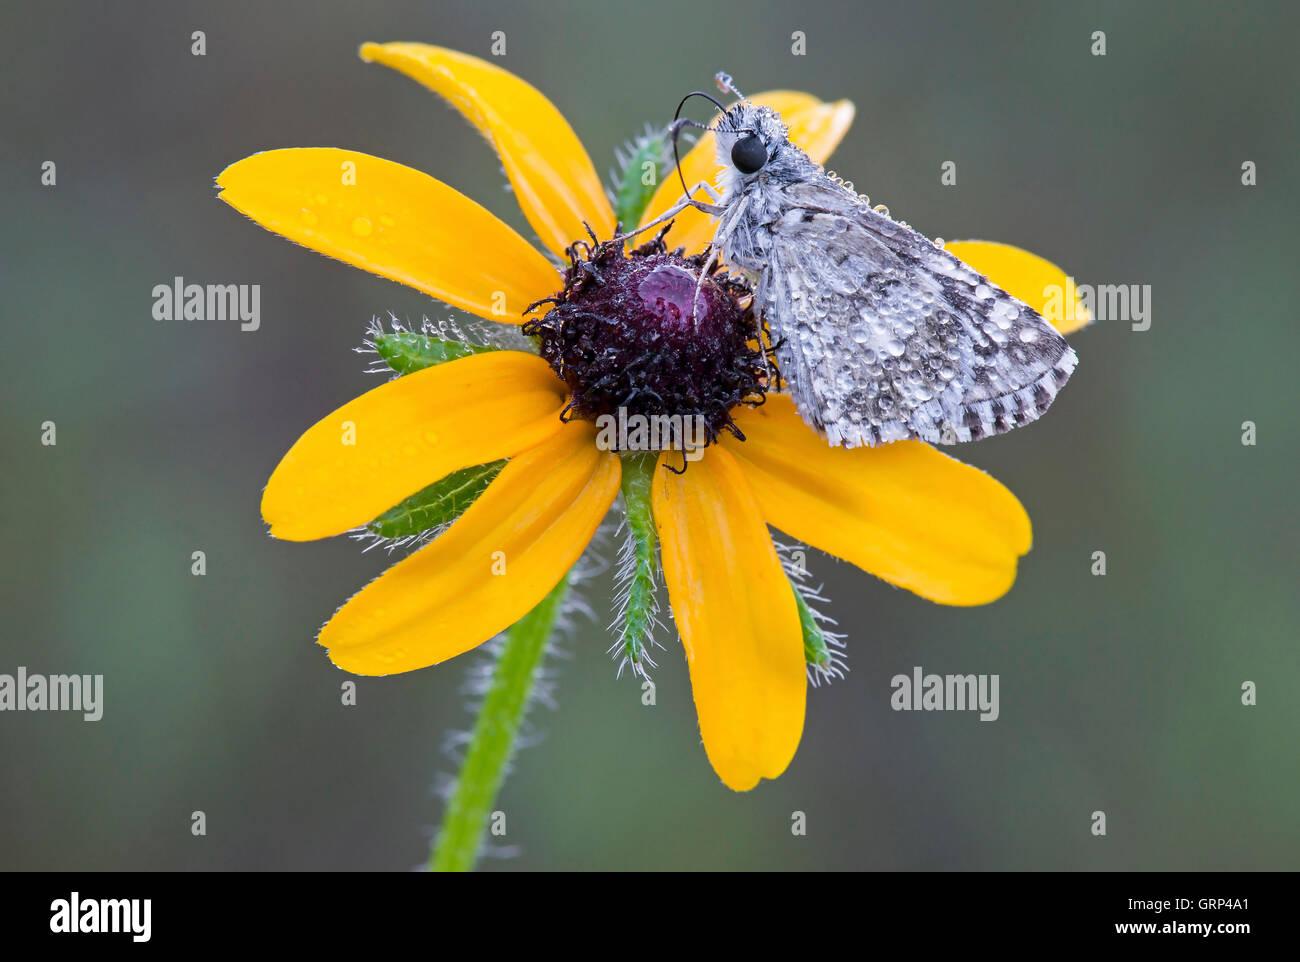 Mariposa de patrón común (Pyrgus communis) alimentándose con Susan de ojos negros (Rudbeckia hirta) E USA, por Skip Moody/Dembinsky Photo Assoc Foto de stock